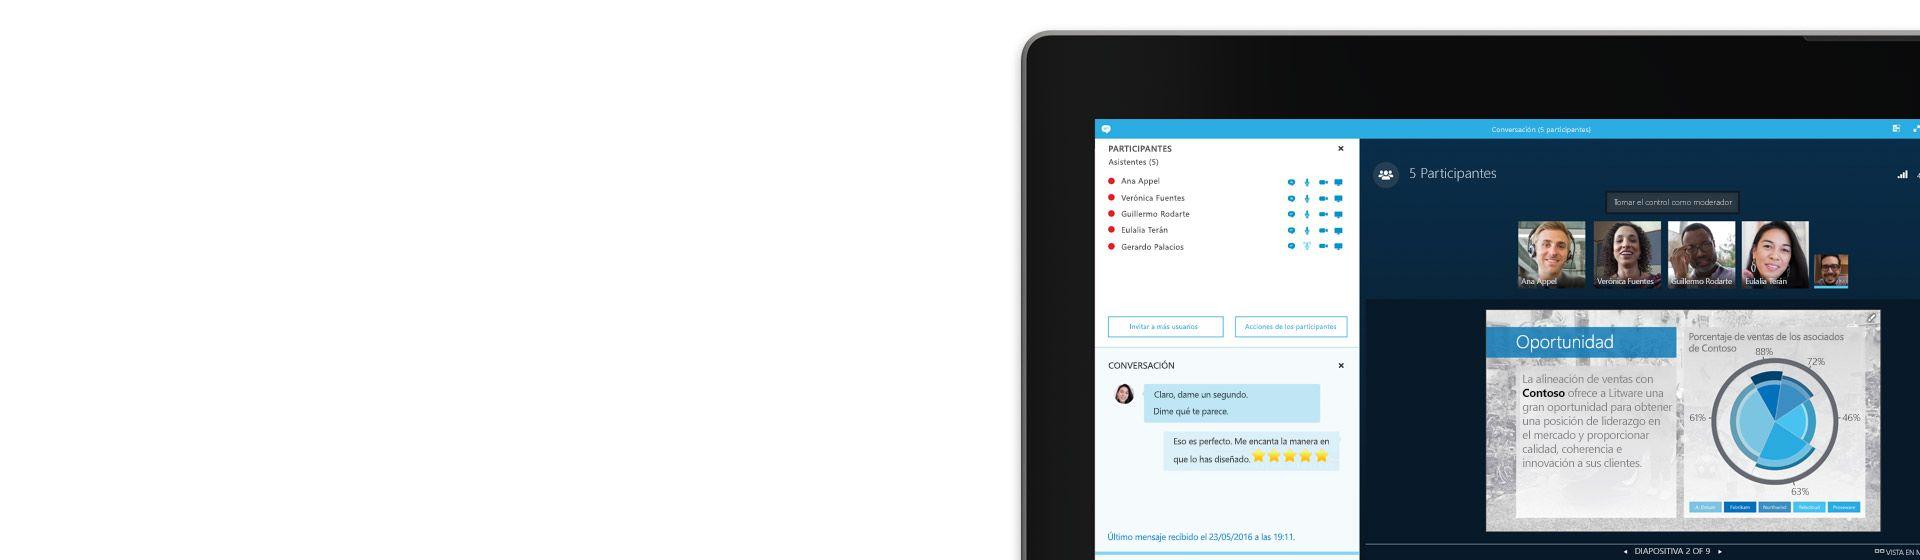 Esquina de la pantalla de un equipo portátil en la que se muestra una reunión de Skype for Business en curso con una lista de participantes